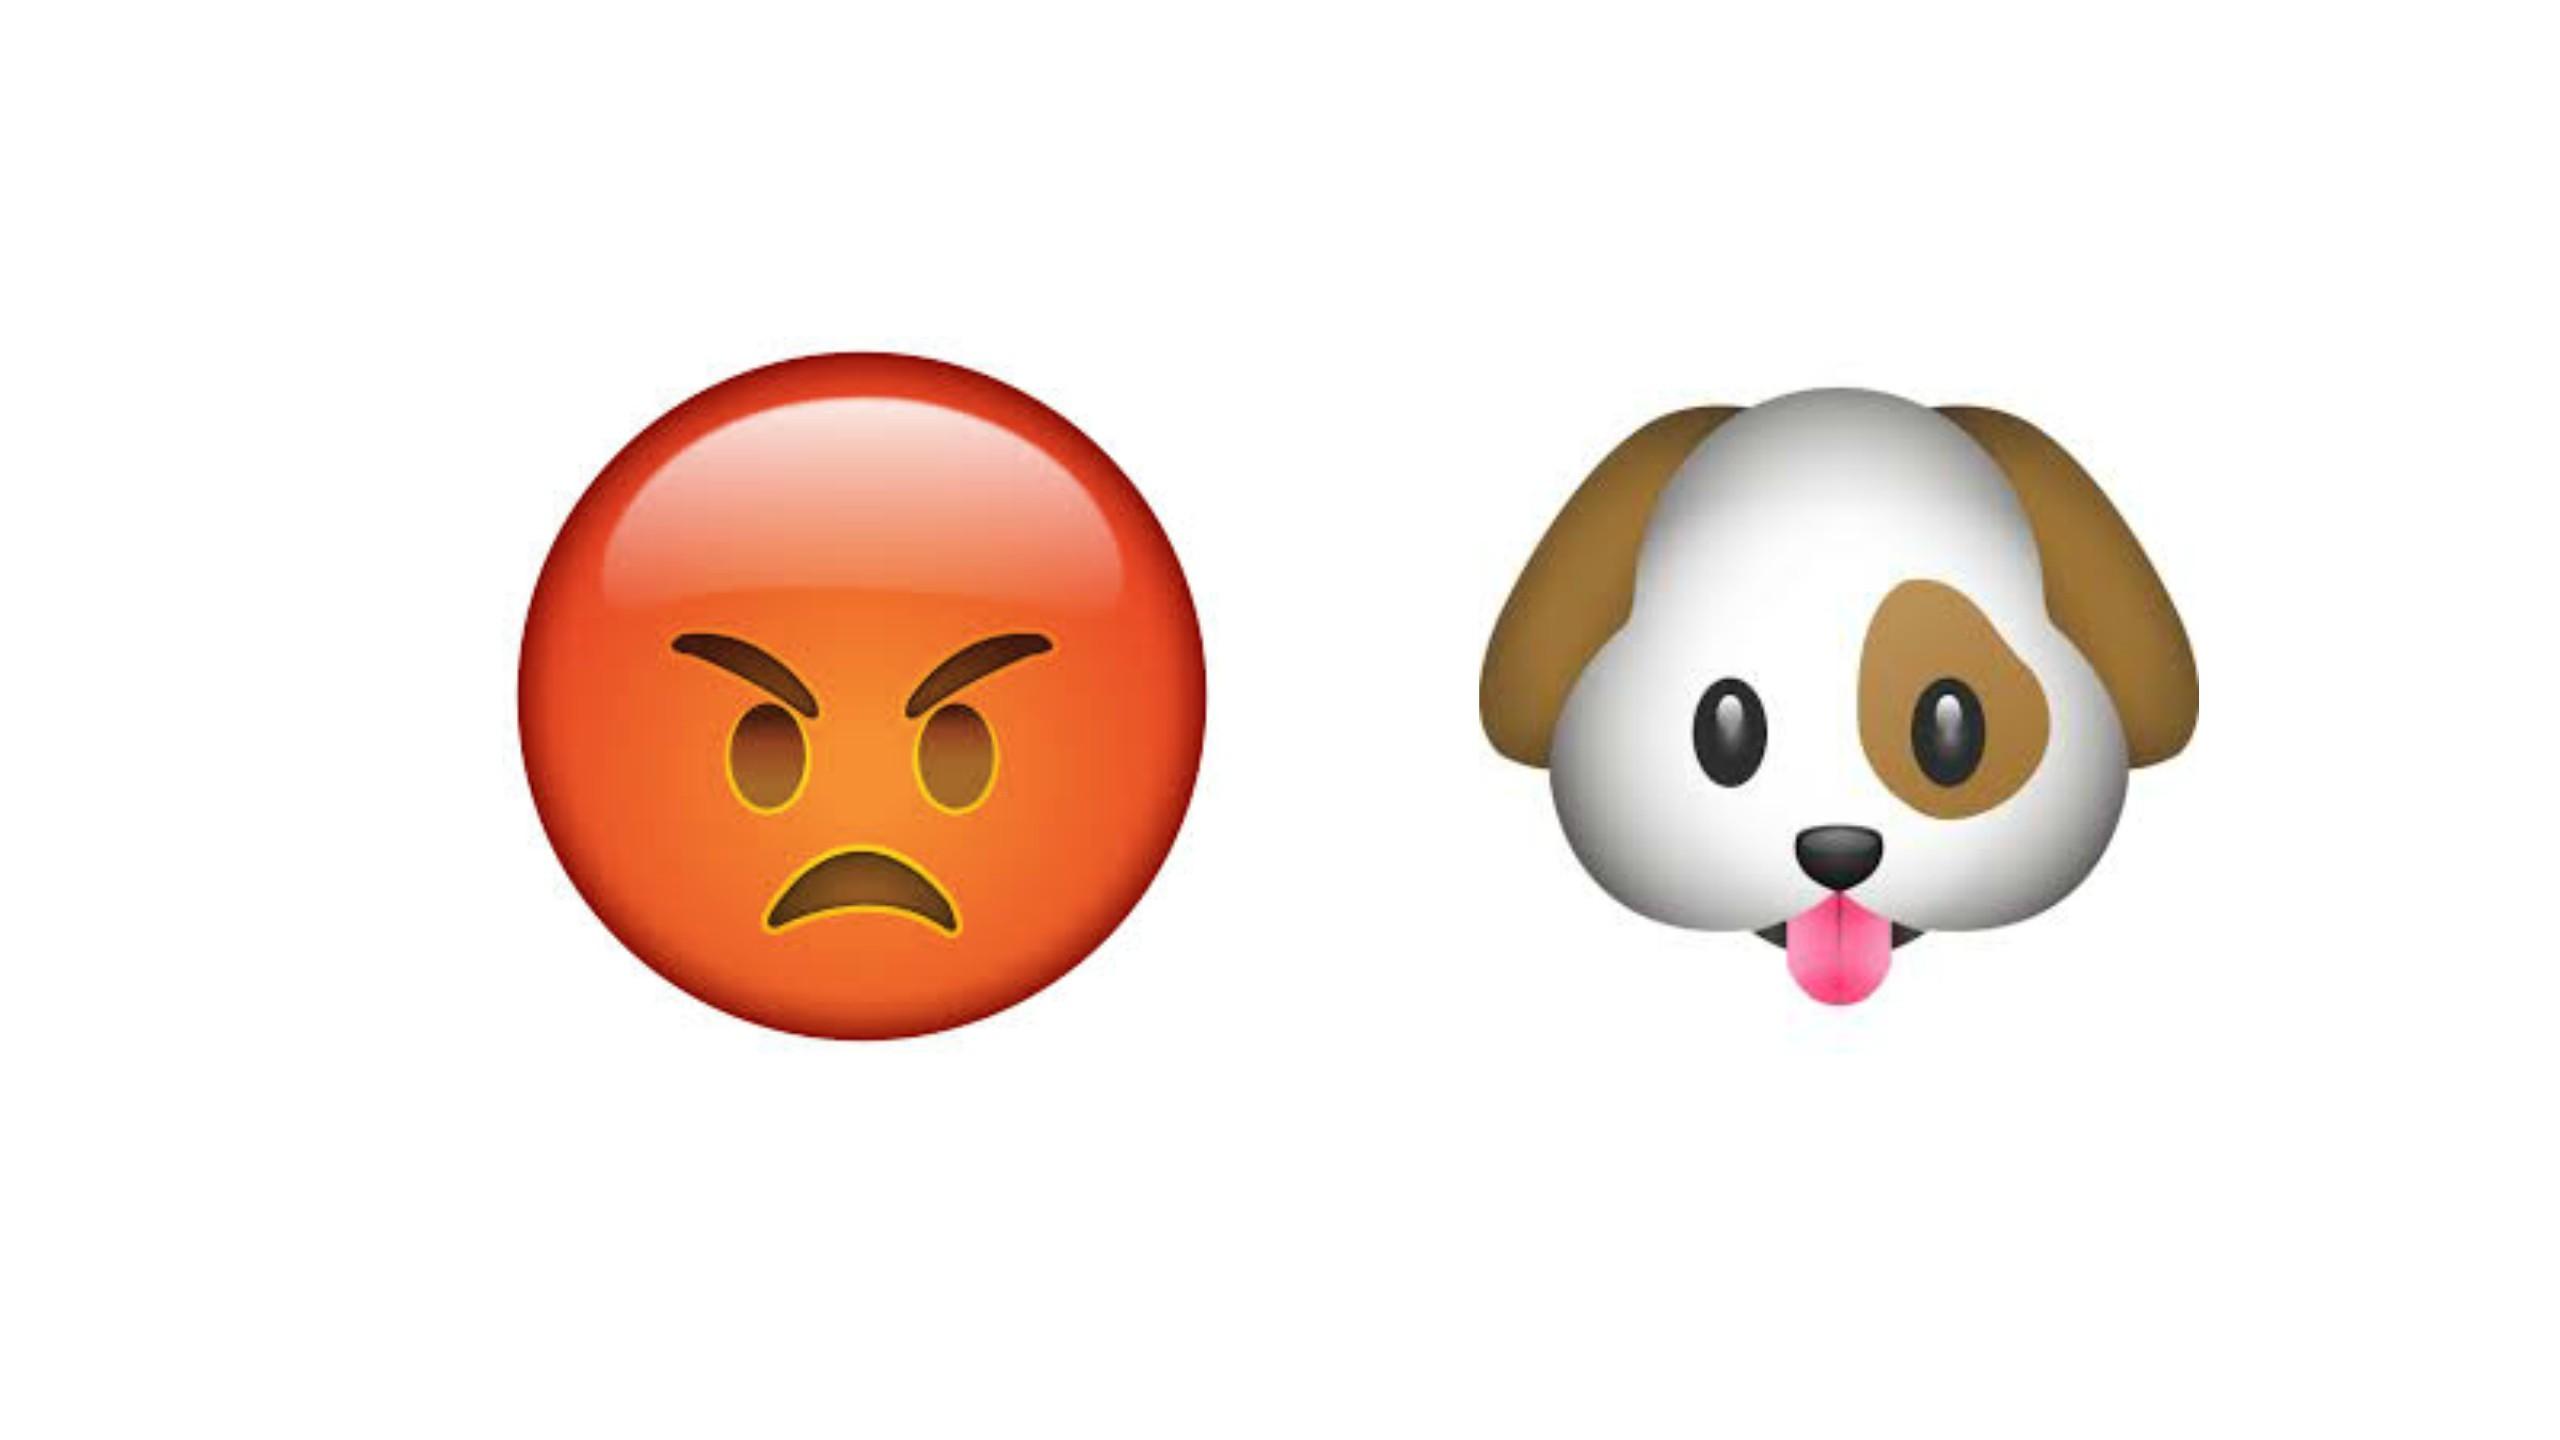 Glo Gang Iphone Wallpaper Queen Emoji Wallpapers 52 Images